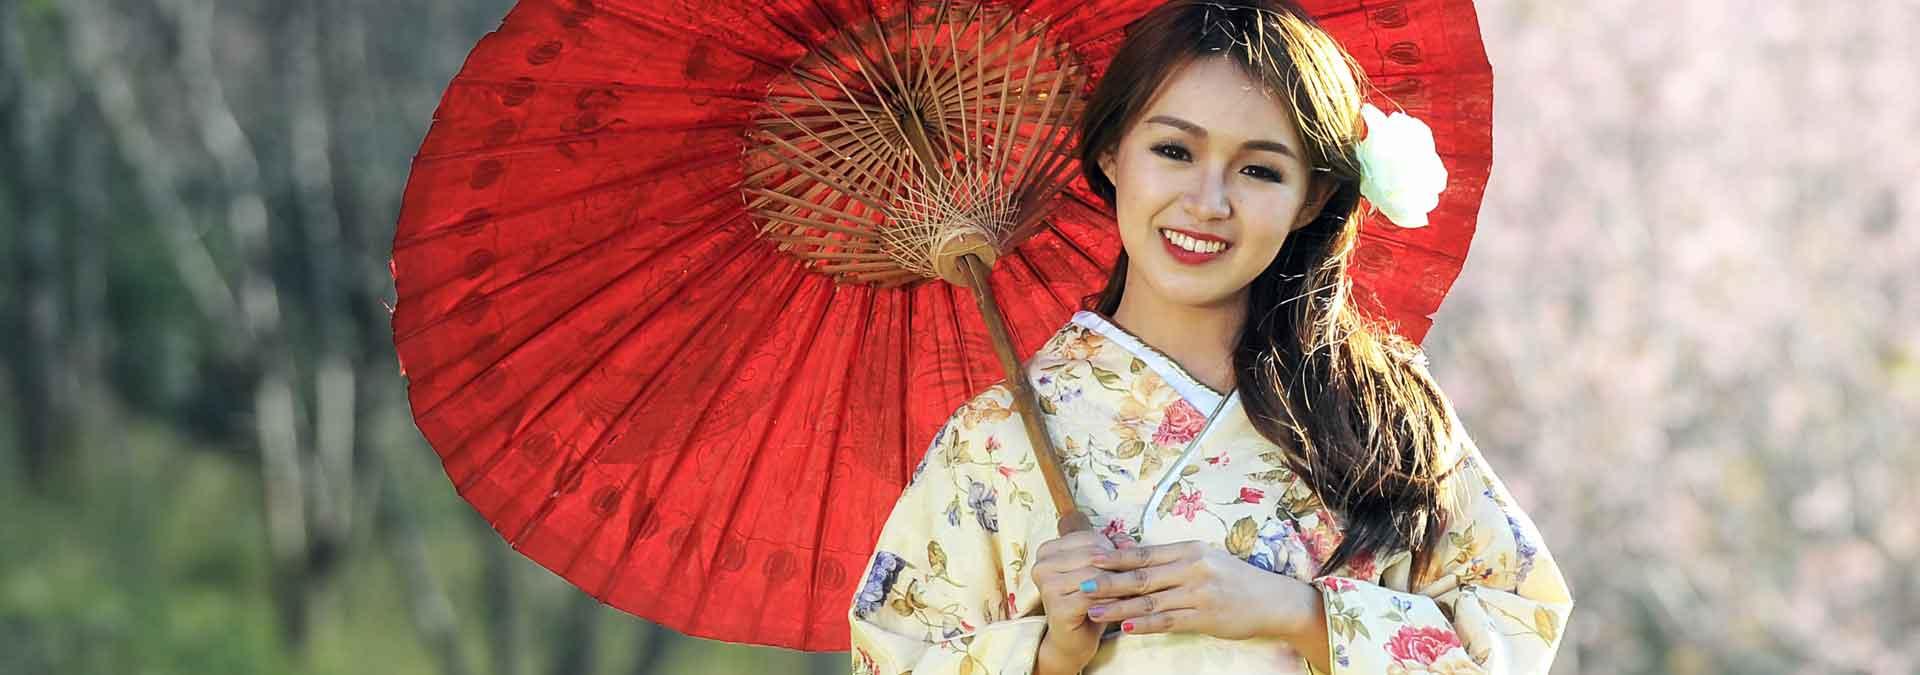 10 fantastische Chinese spreuken